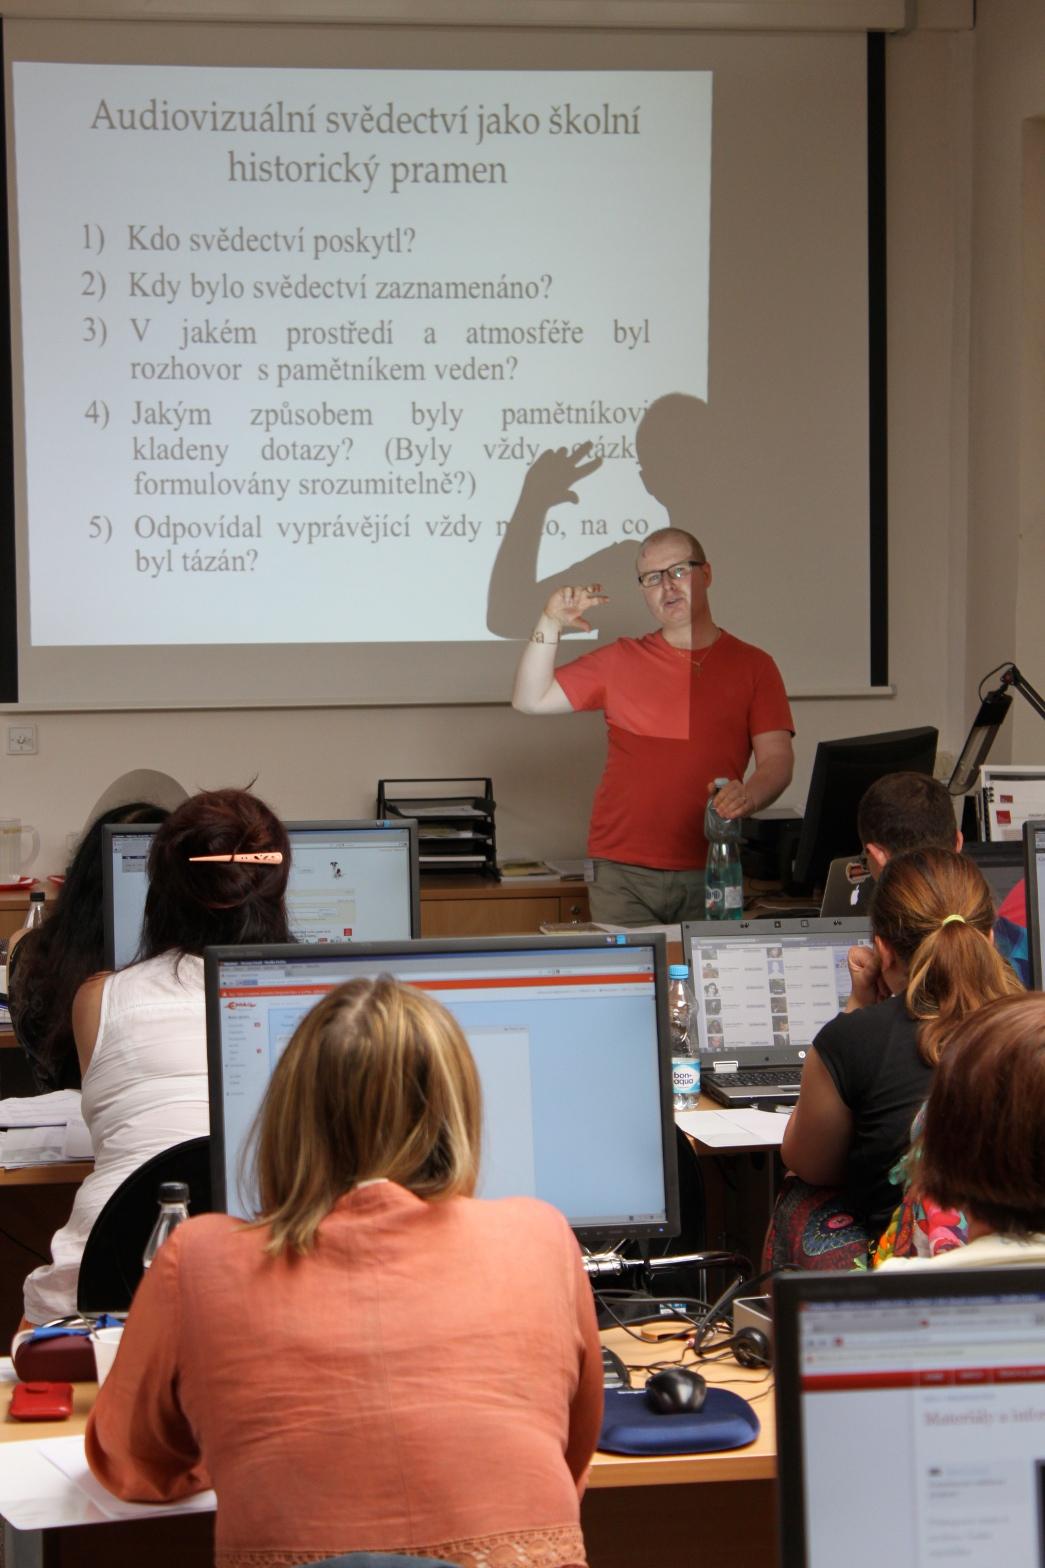 Didaktik dějepisu a středoškolský učitel dr. Milan Hes přiblížil účastníkům semináře různé aspekty práce s orální historií v rámci výuky